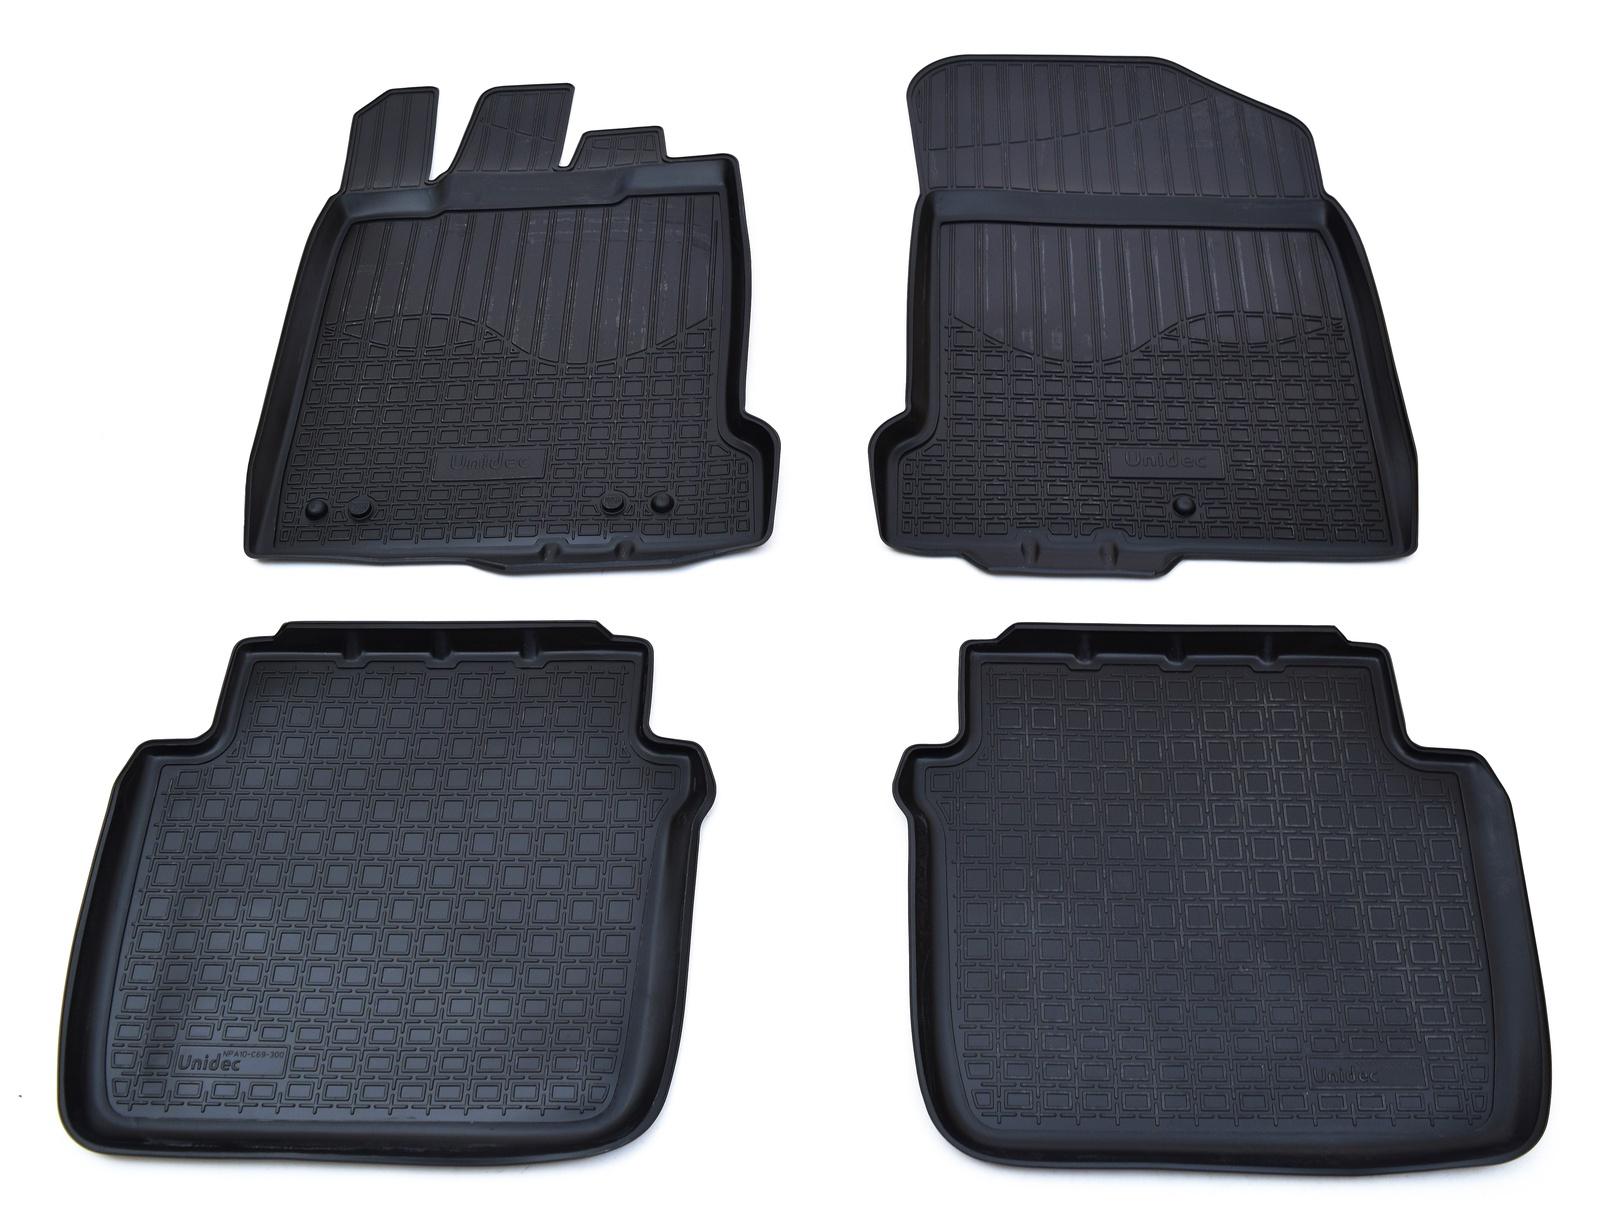 Коврики в салон автомобиля Norplast для Renault Latitude 2010, NPA10-C69-300, черный цена 2017